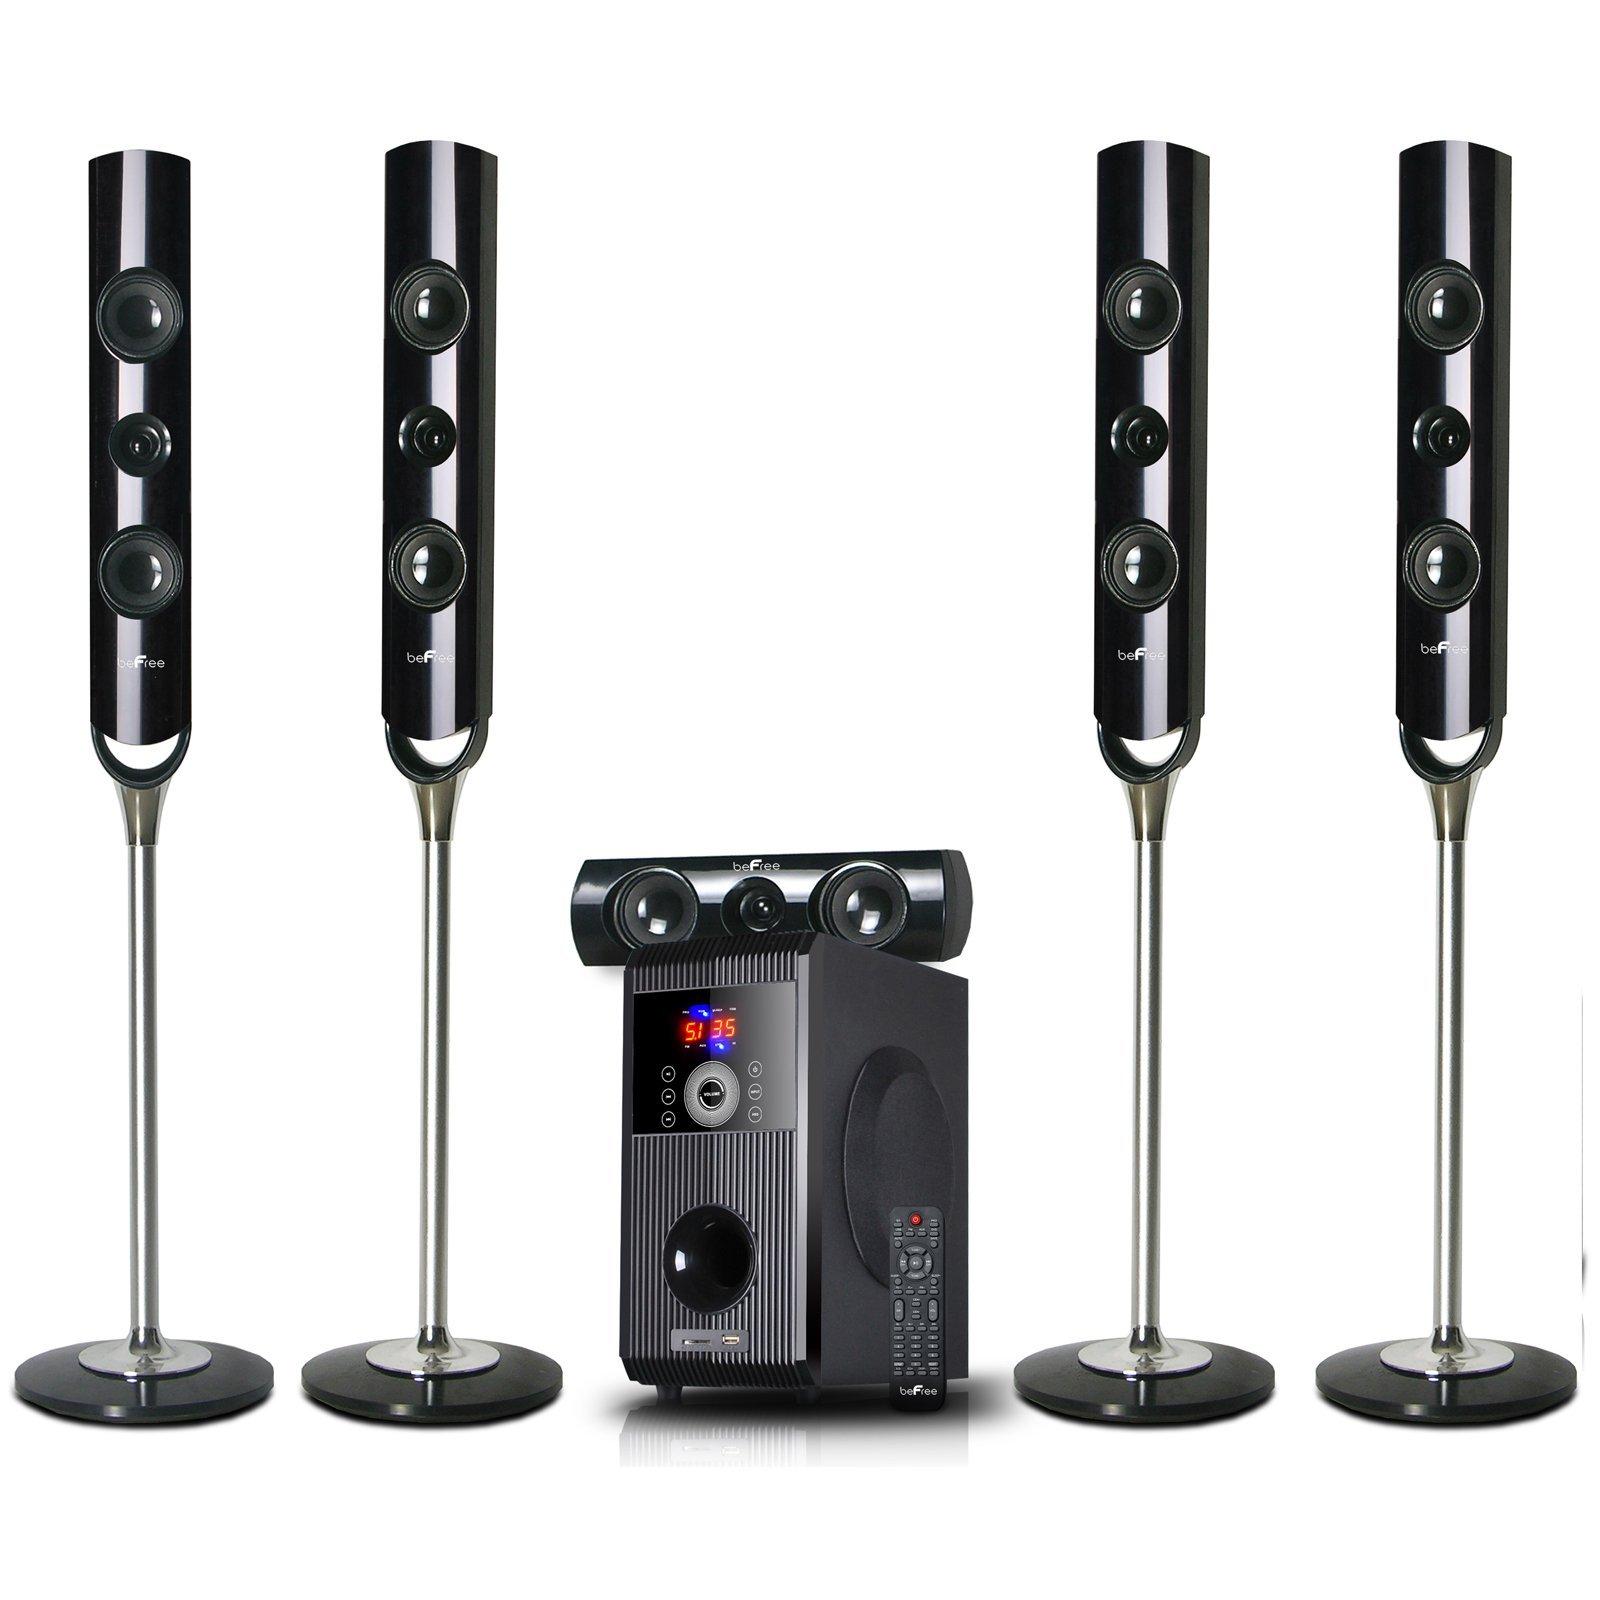 beFree Sound BFS-900 5.1 Channel Surround Sound Bluetooth Speaker System by beFree Sound